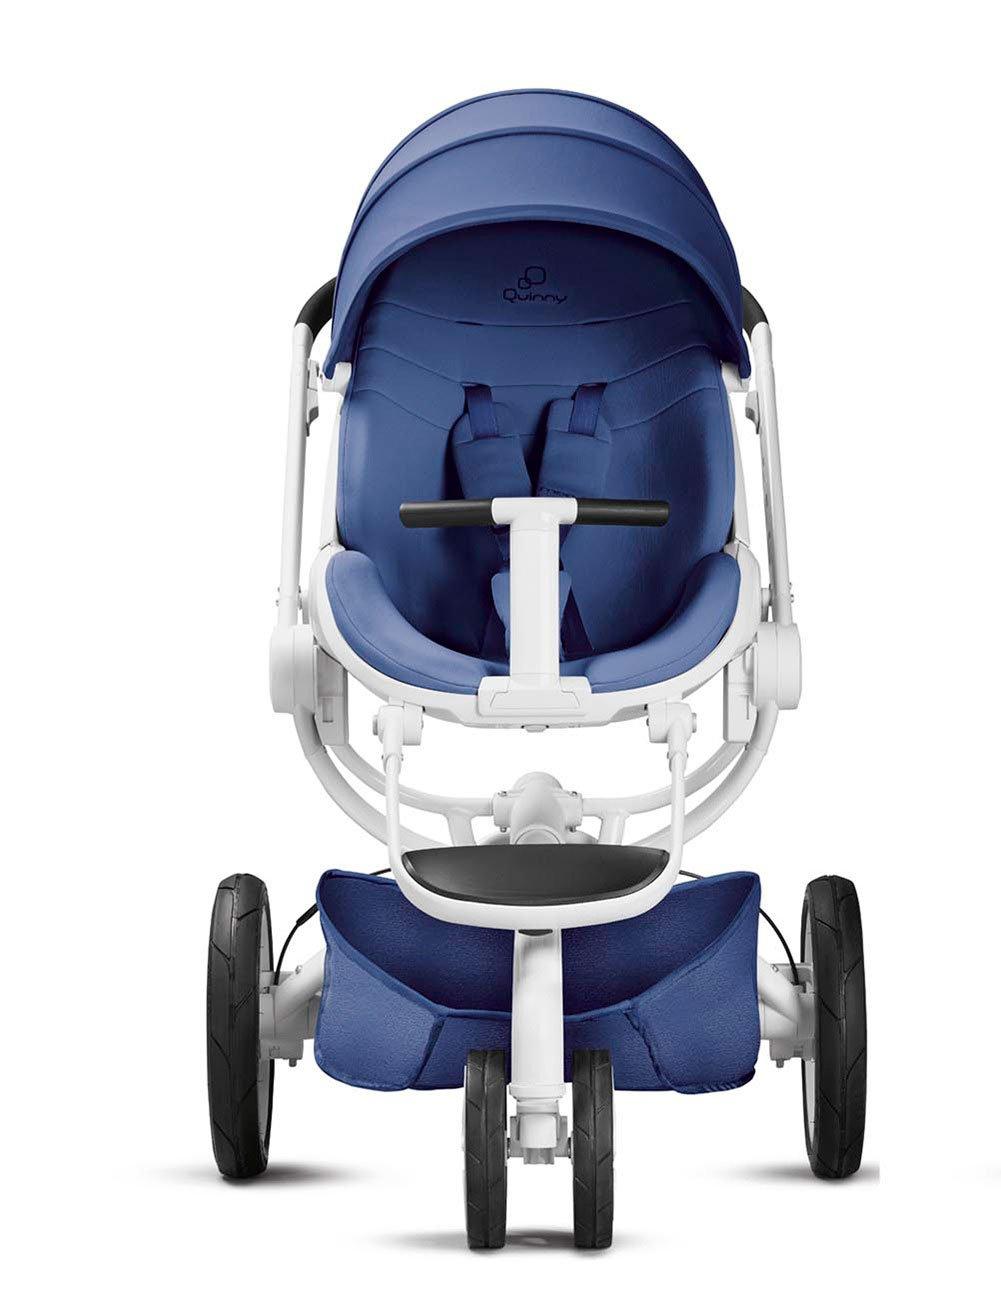 Carrito de coche Quinny 1766913010 Moodd Blue Base, azul: Amazon.es: Bebé